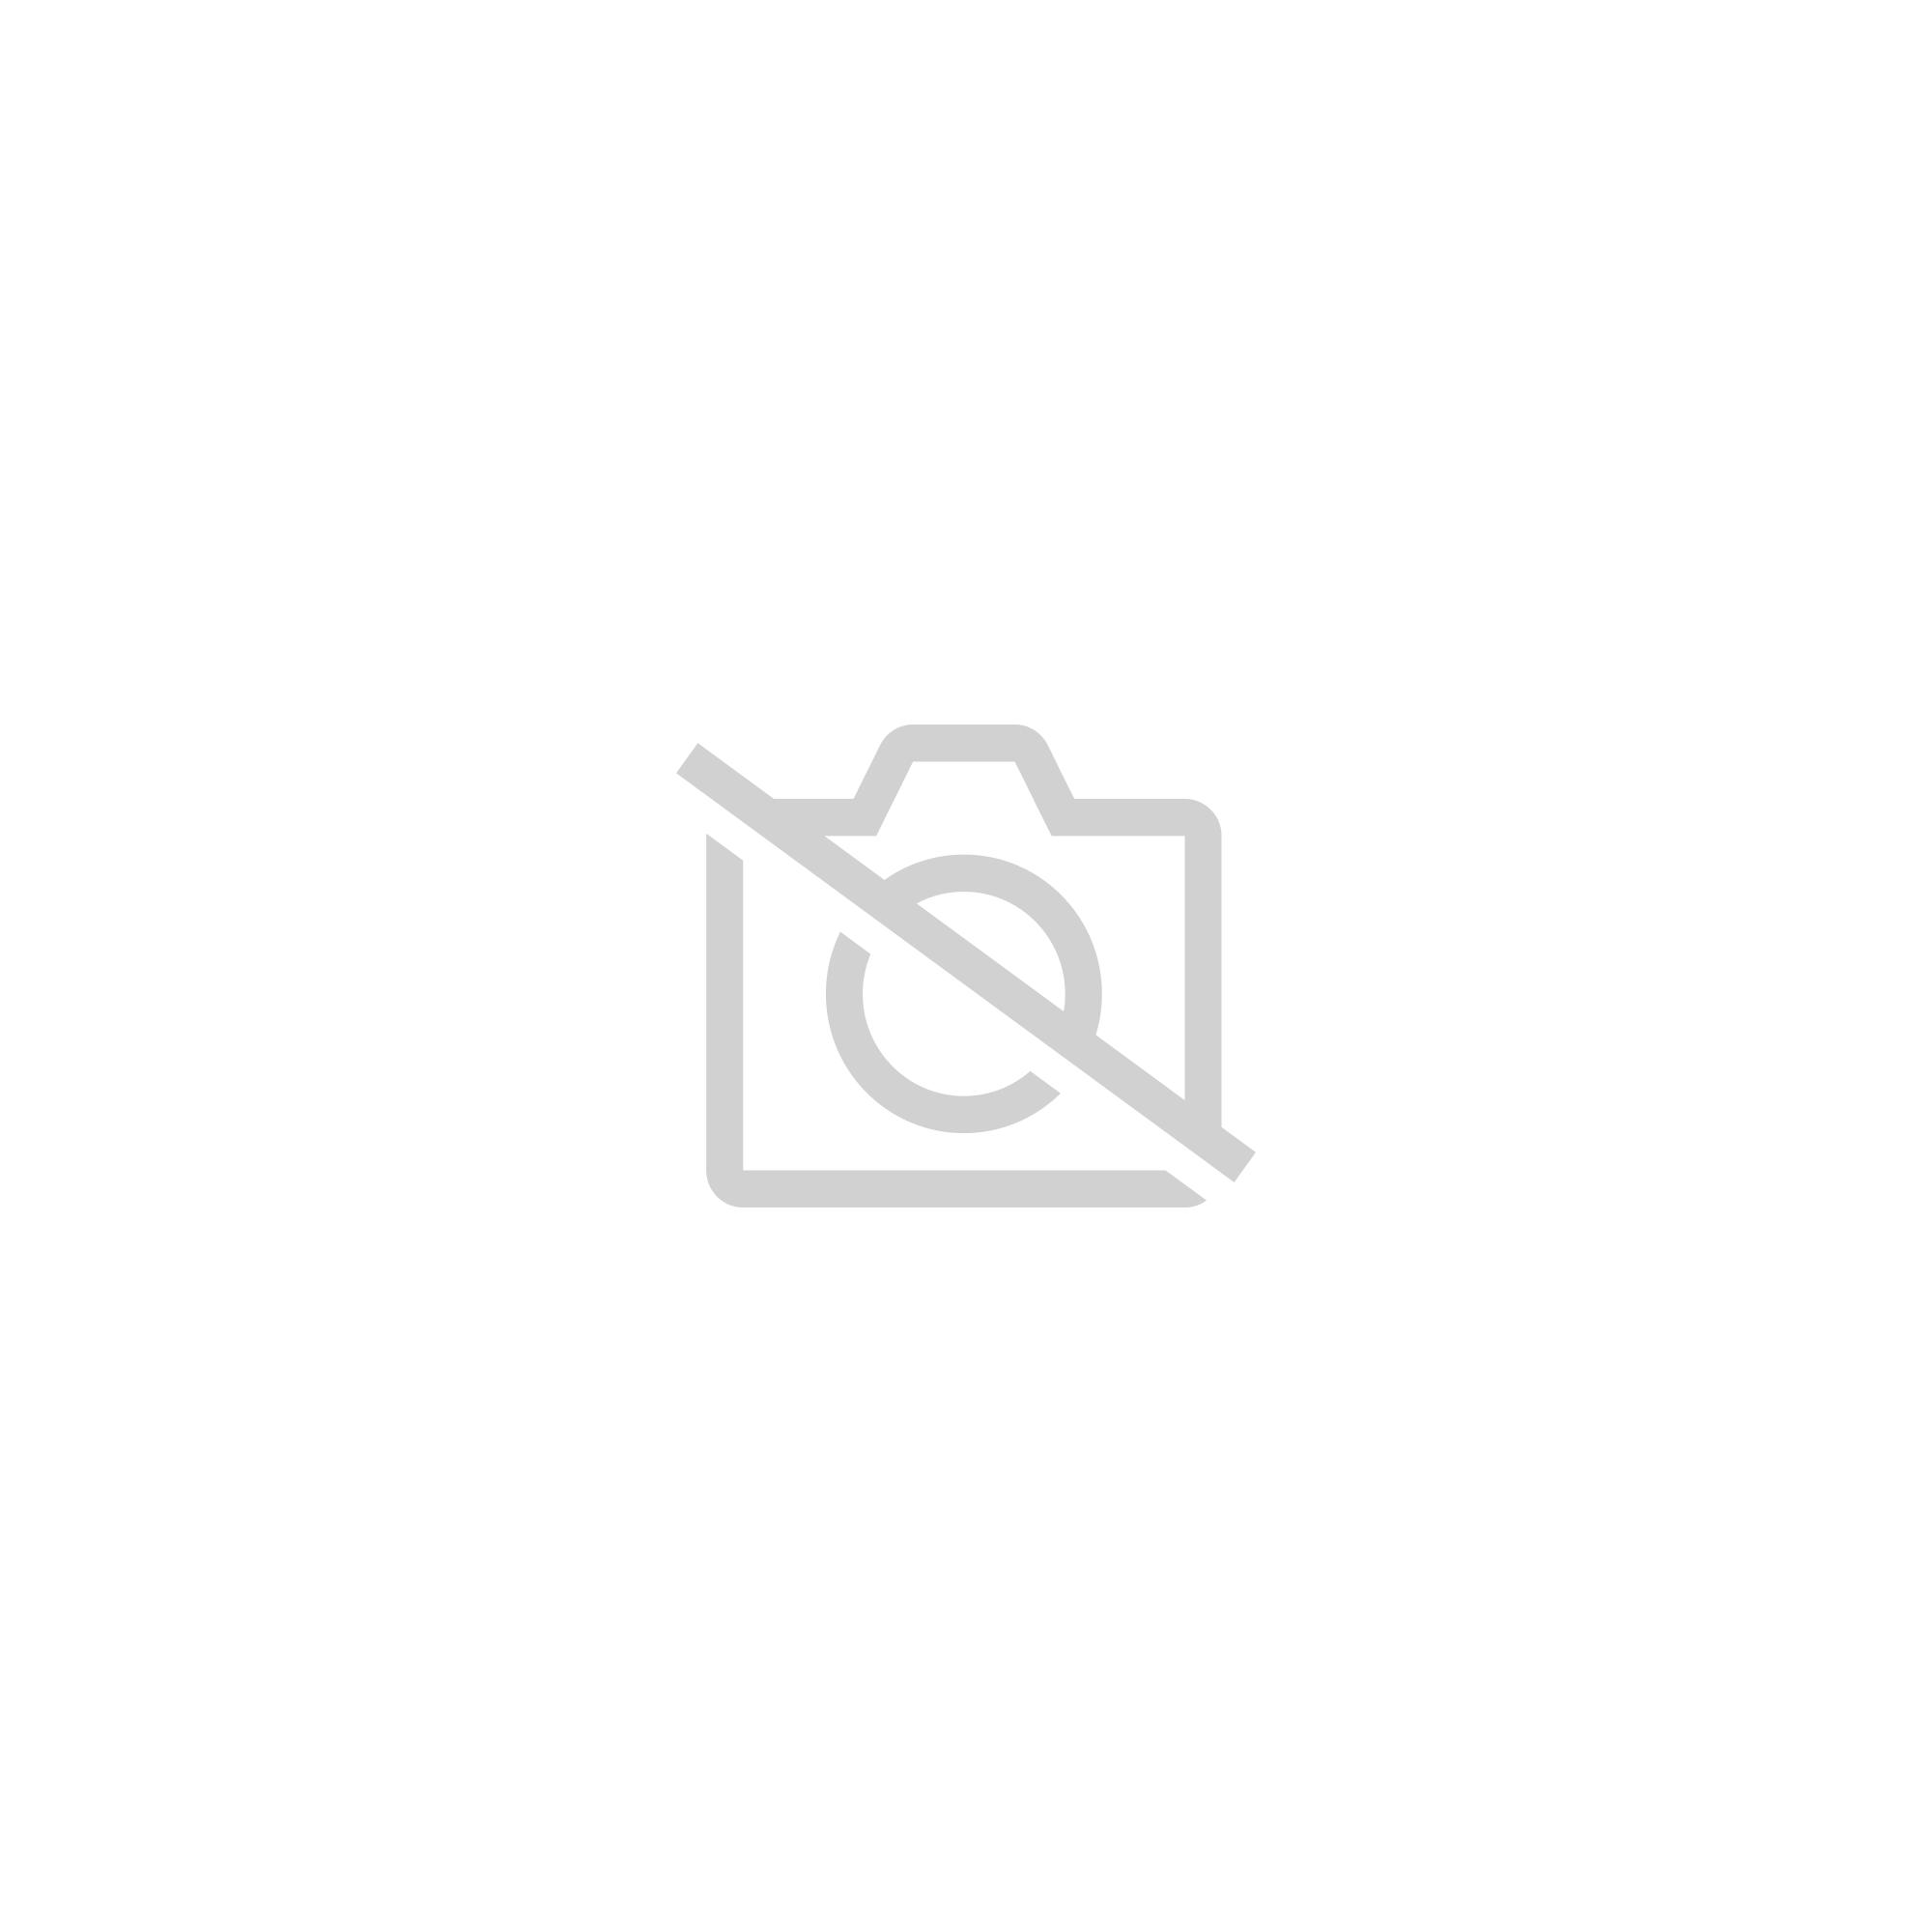 Einsgut LED Touch Lamp Pratique Murale veilleuse Murale armoires de Cuisine Placard d/éclairage Autocollants Tap Lampe Tactile Tactile